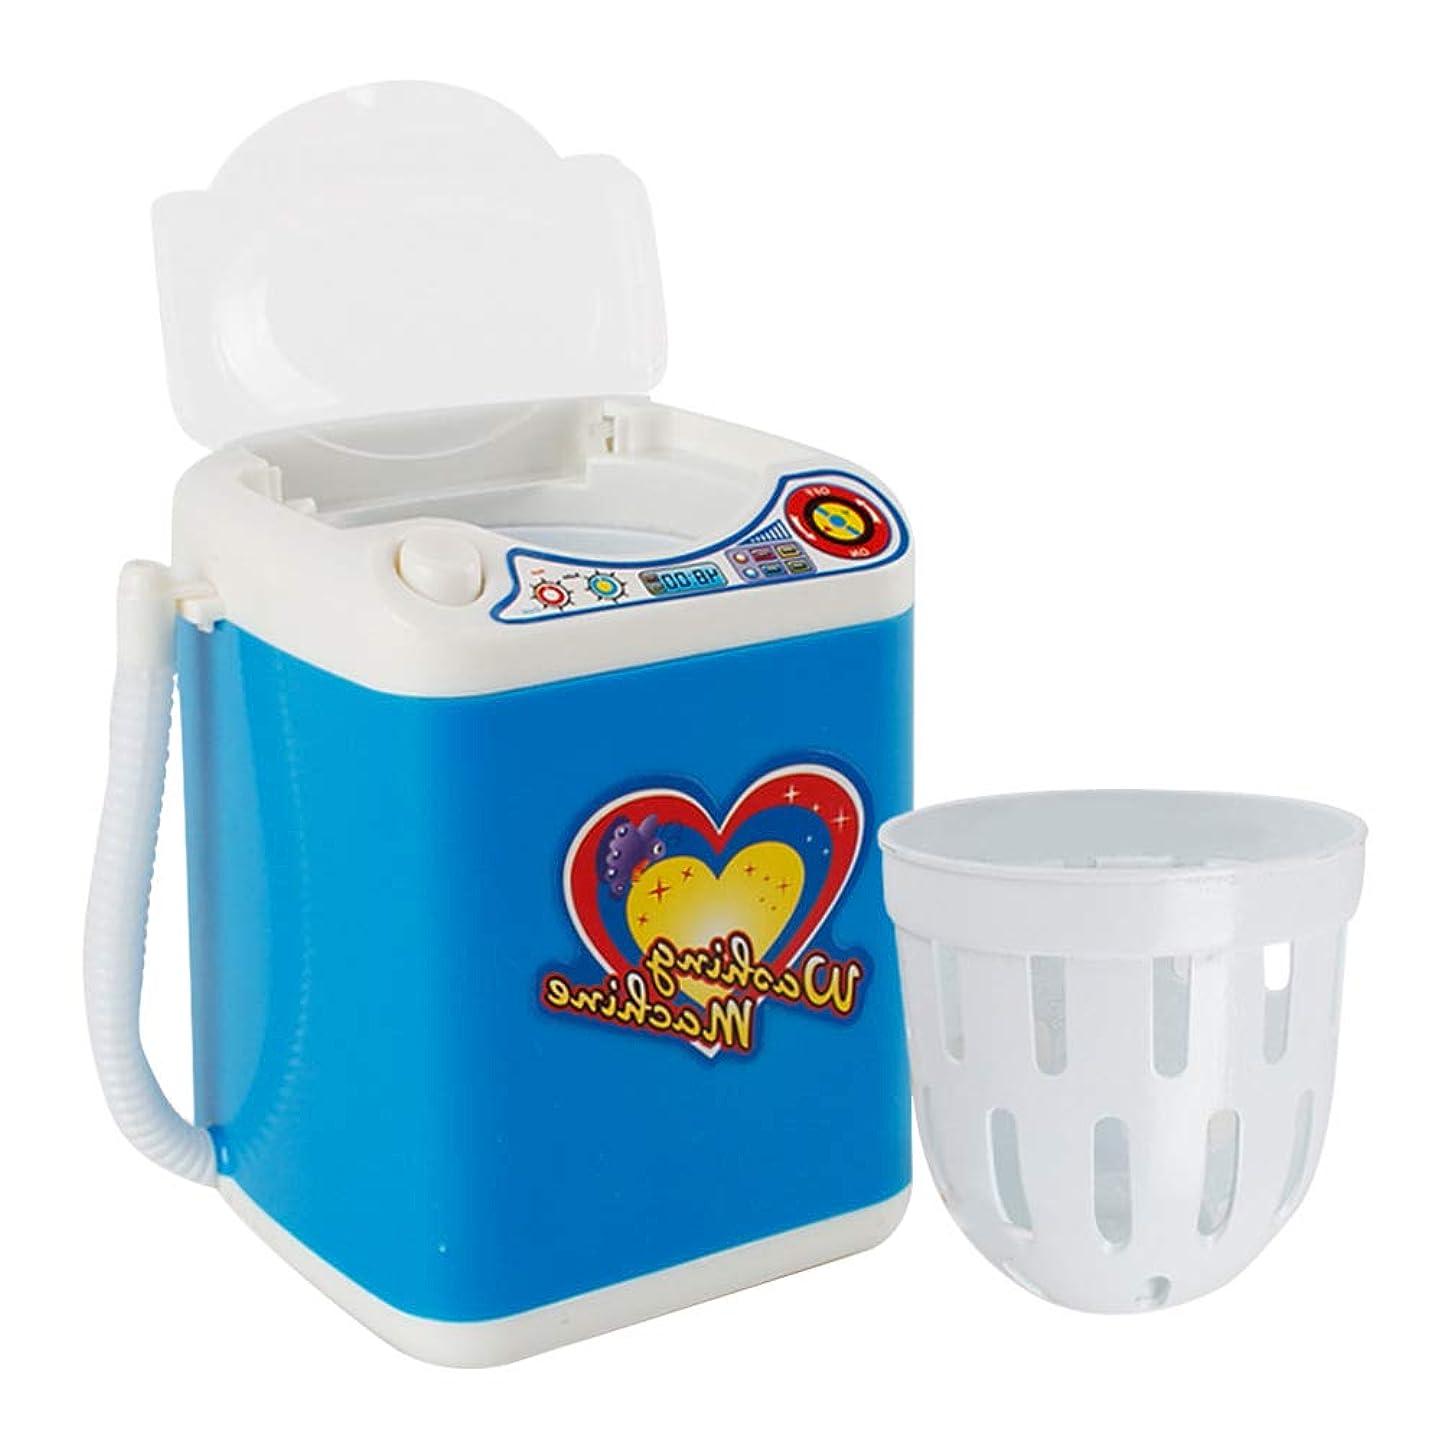 ラベ鼻ジェーンオースティンメイクアップブラシクリーナースピナーマシン - 電子ミニ洗濯機形状自動化粧ブラシクリーナー乾燥ブラシ、スポンジとパウダーパフのためのディープクリーニング(青)